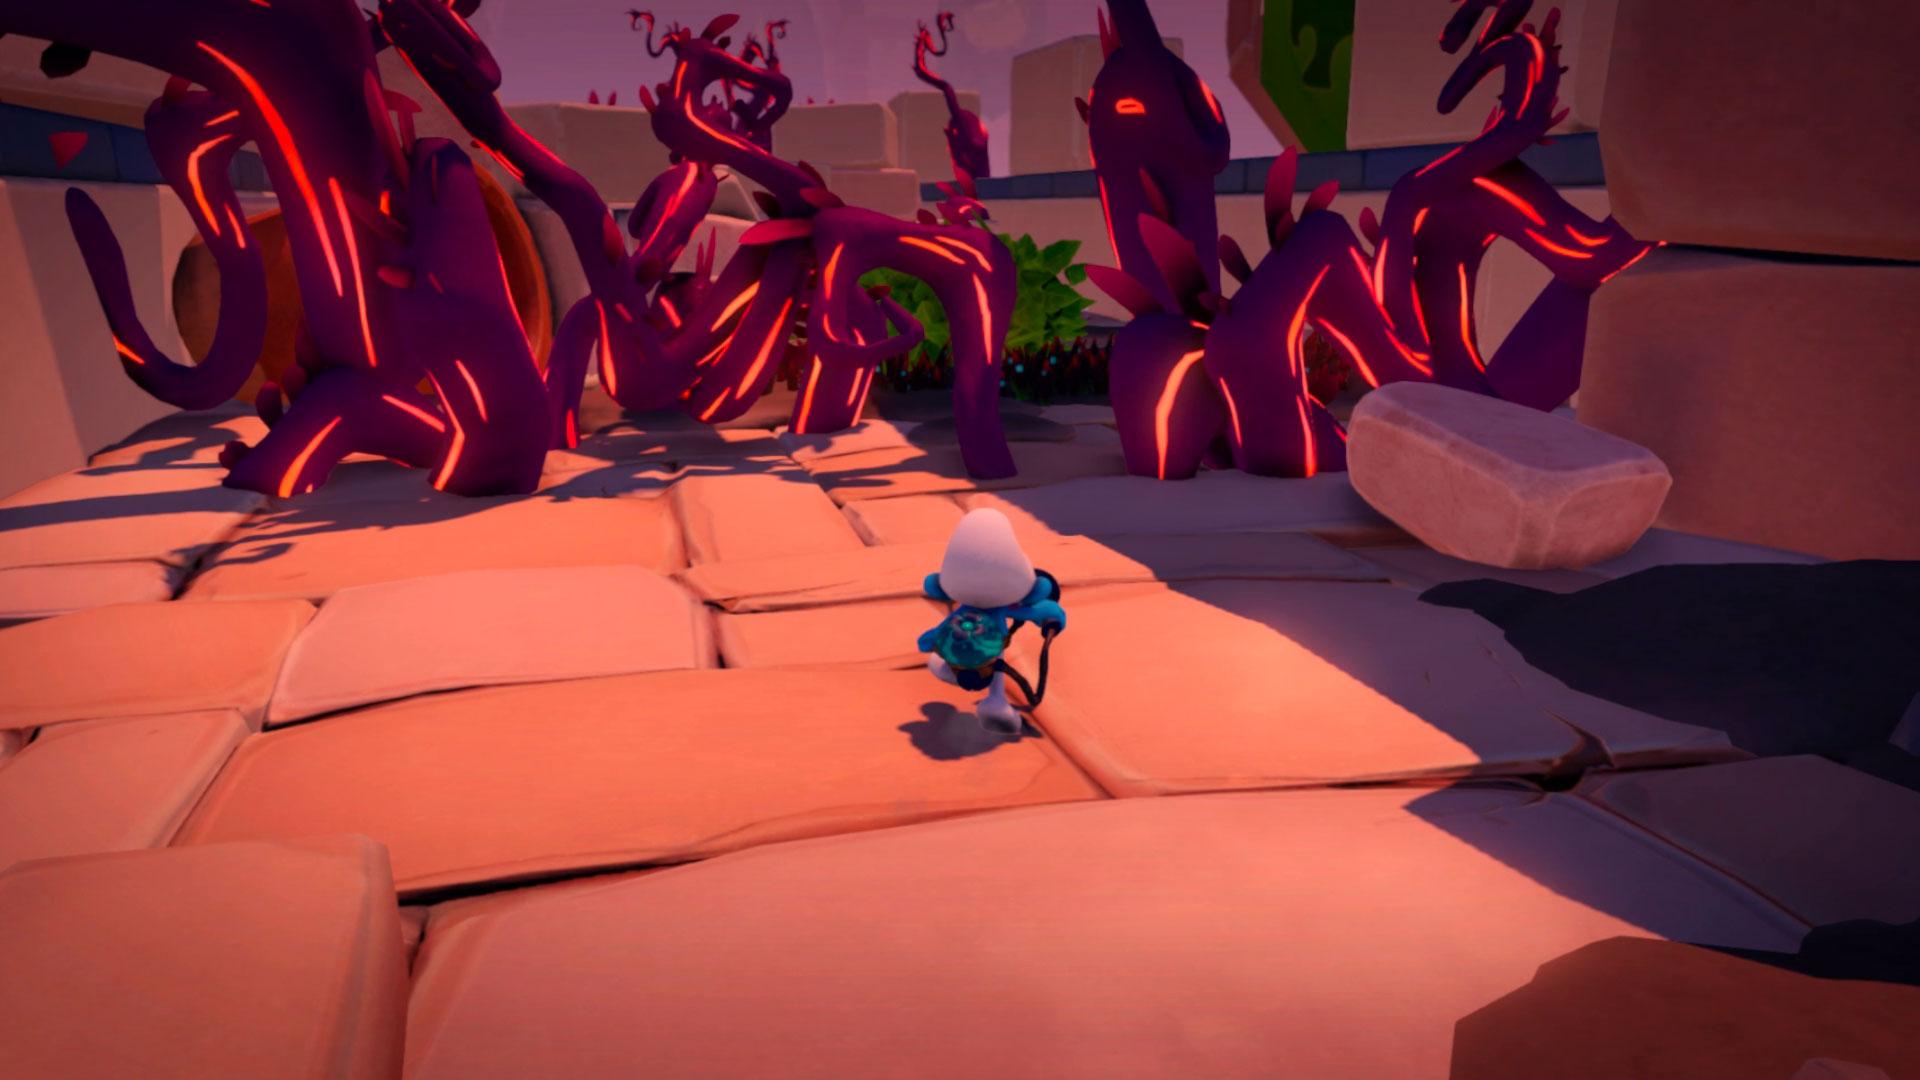 The Smurfs – Mission Vileaf kuvakaappaus 1